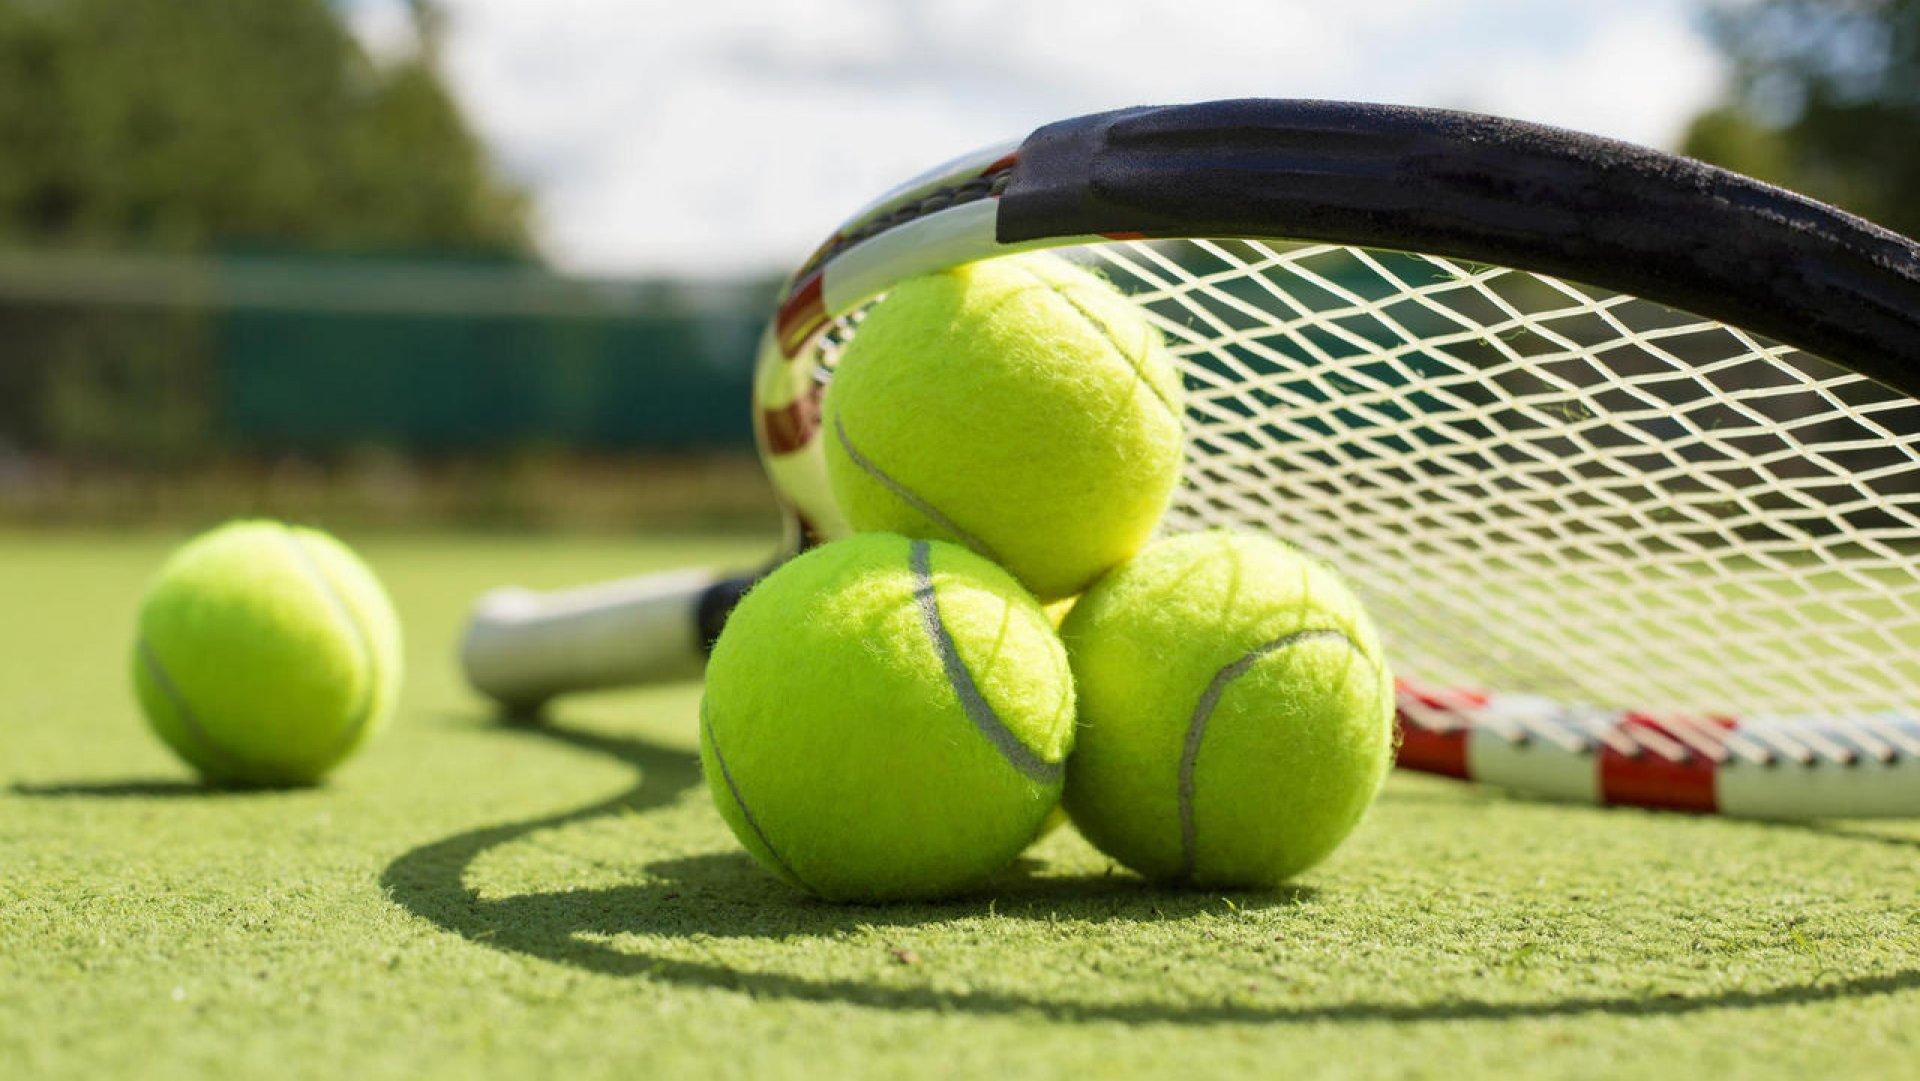 сделать красивая картинка тенниса ферби обладает своим